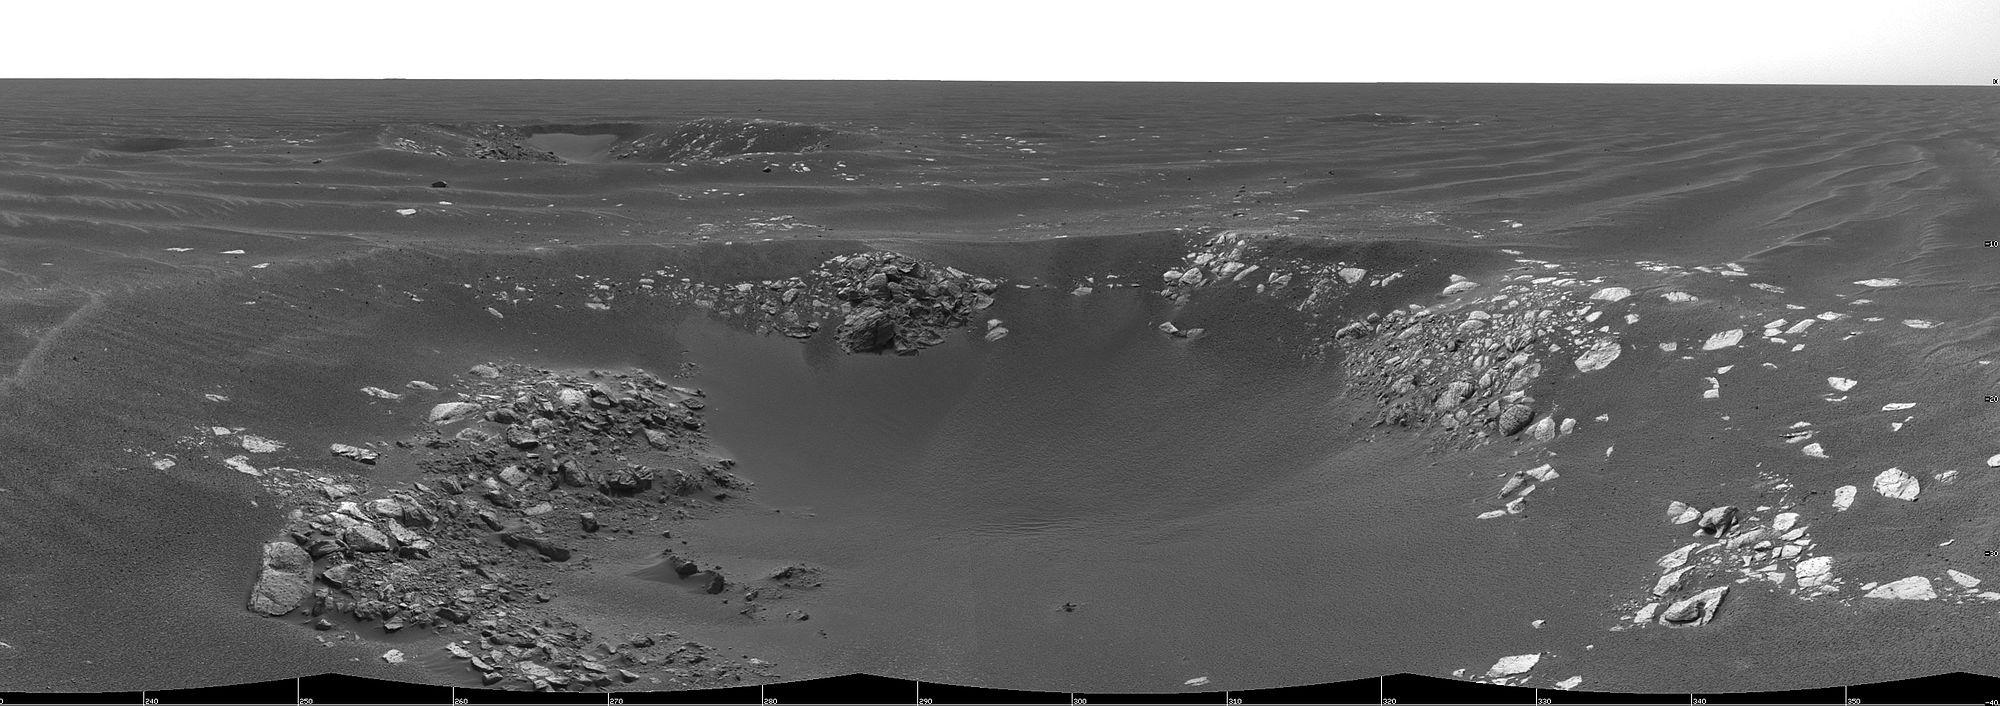 Панорамное изображение «кратеров-тройняшек» — Натуралист (на переднем плане), Географ (позади, самый крупный), Инвестигатор (вверху, правее центра)